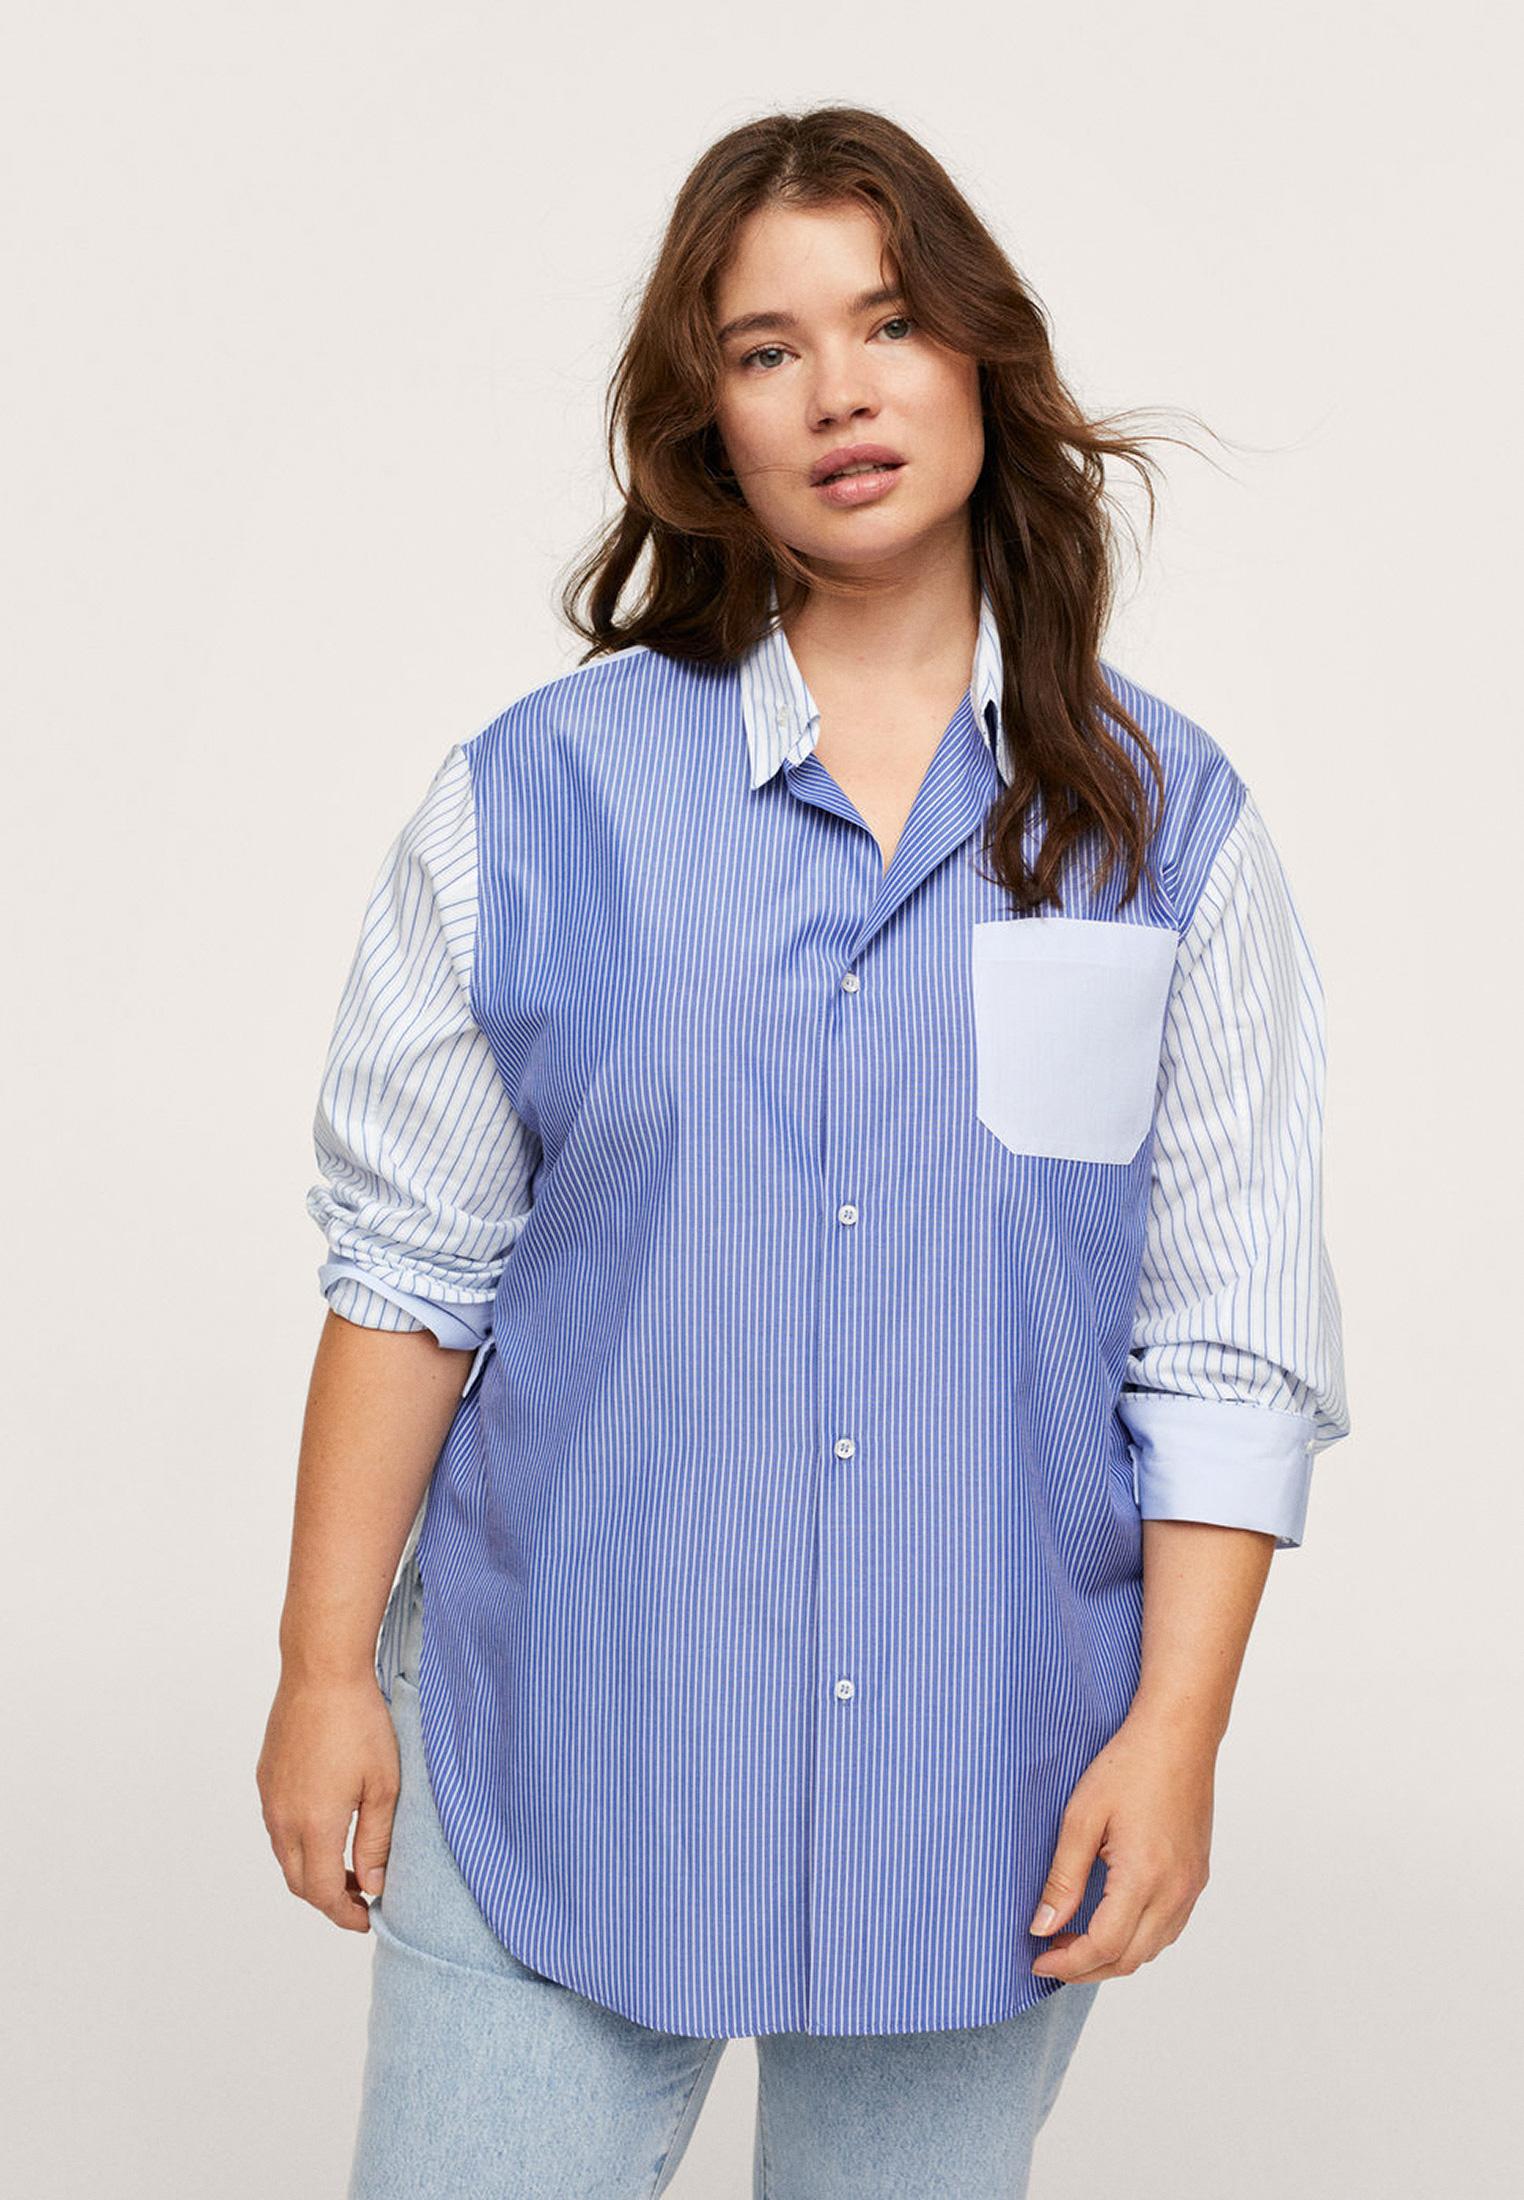 Рубашка Violeta by Mango (Виолетта бай Манго) Рубашка Violeta by Mango